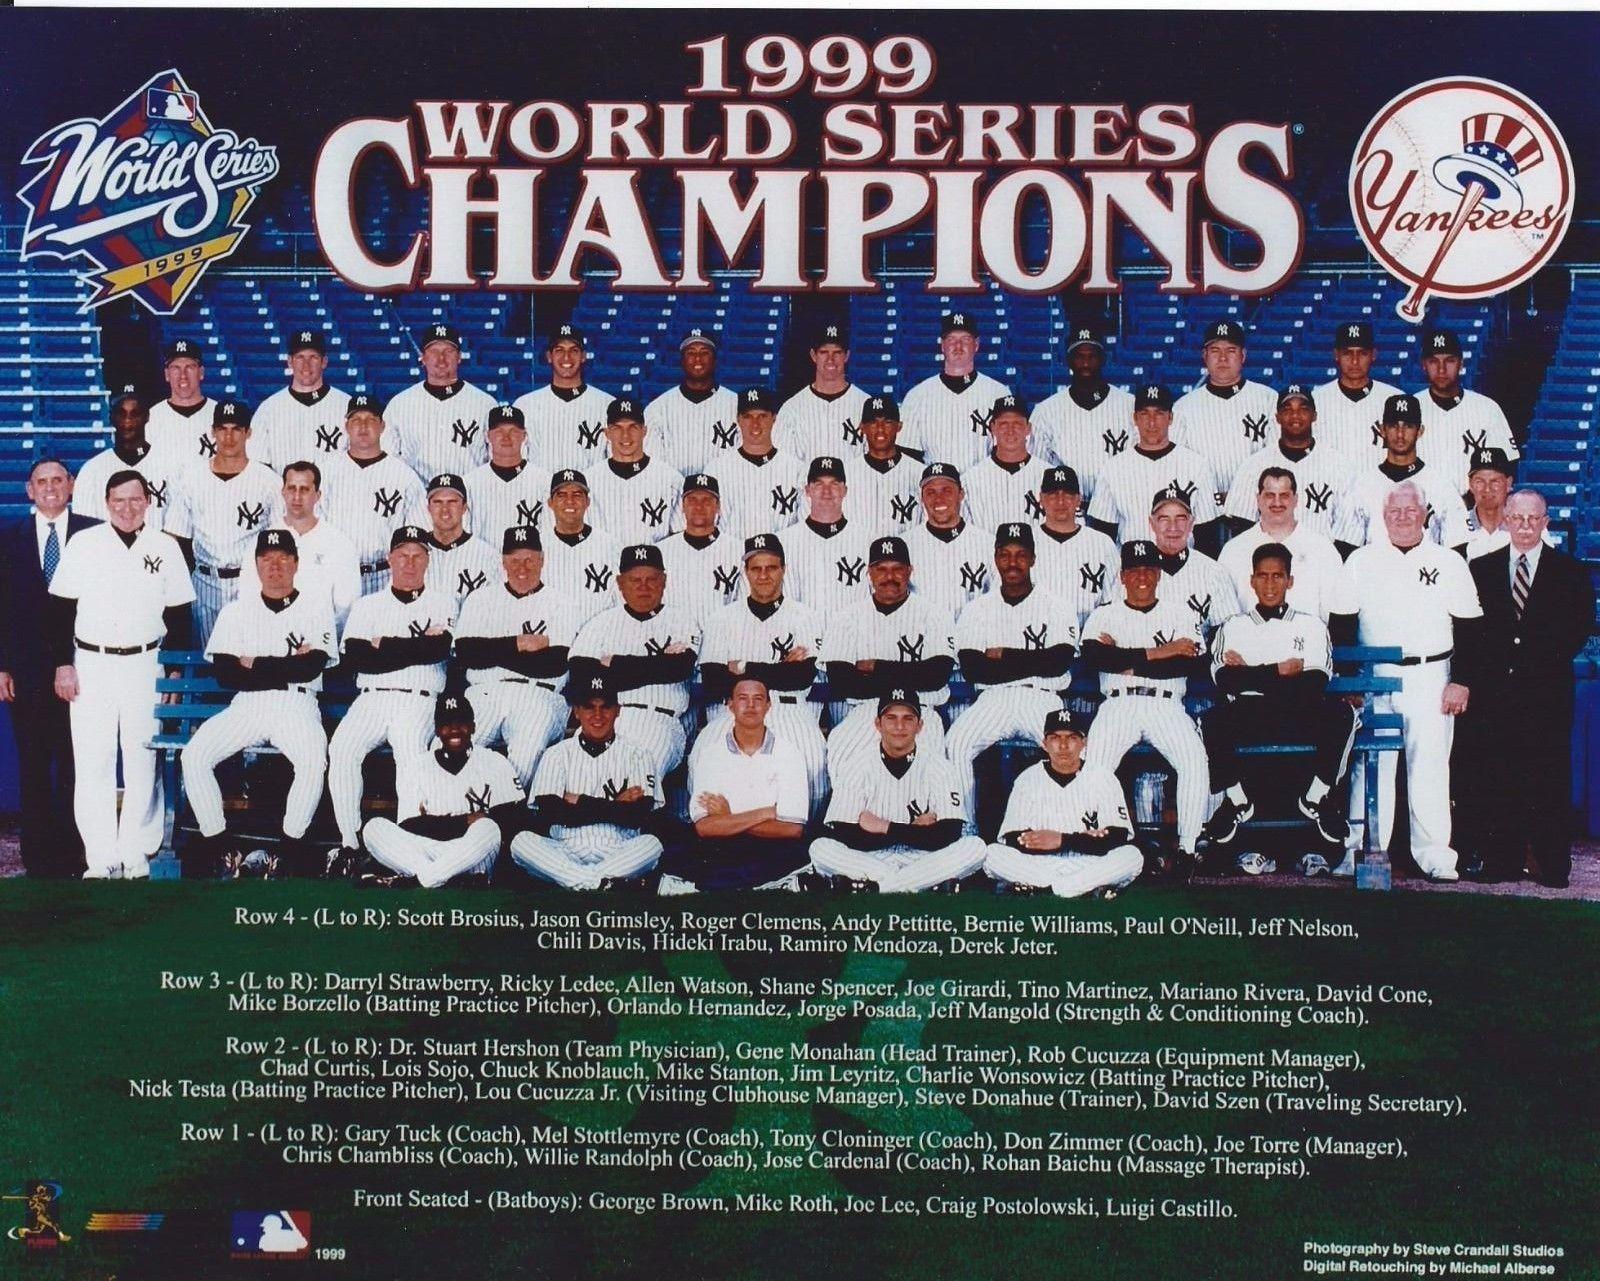 1996 World Champions Team Photo 11x14 Size Yankee Stadium New York Yankees